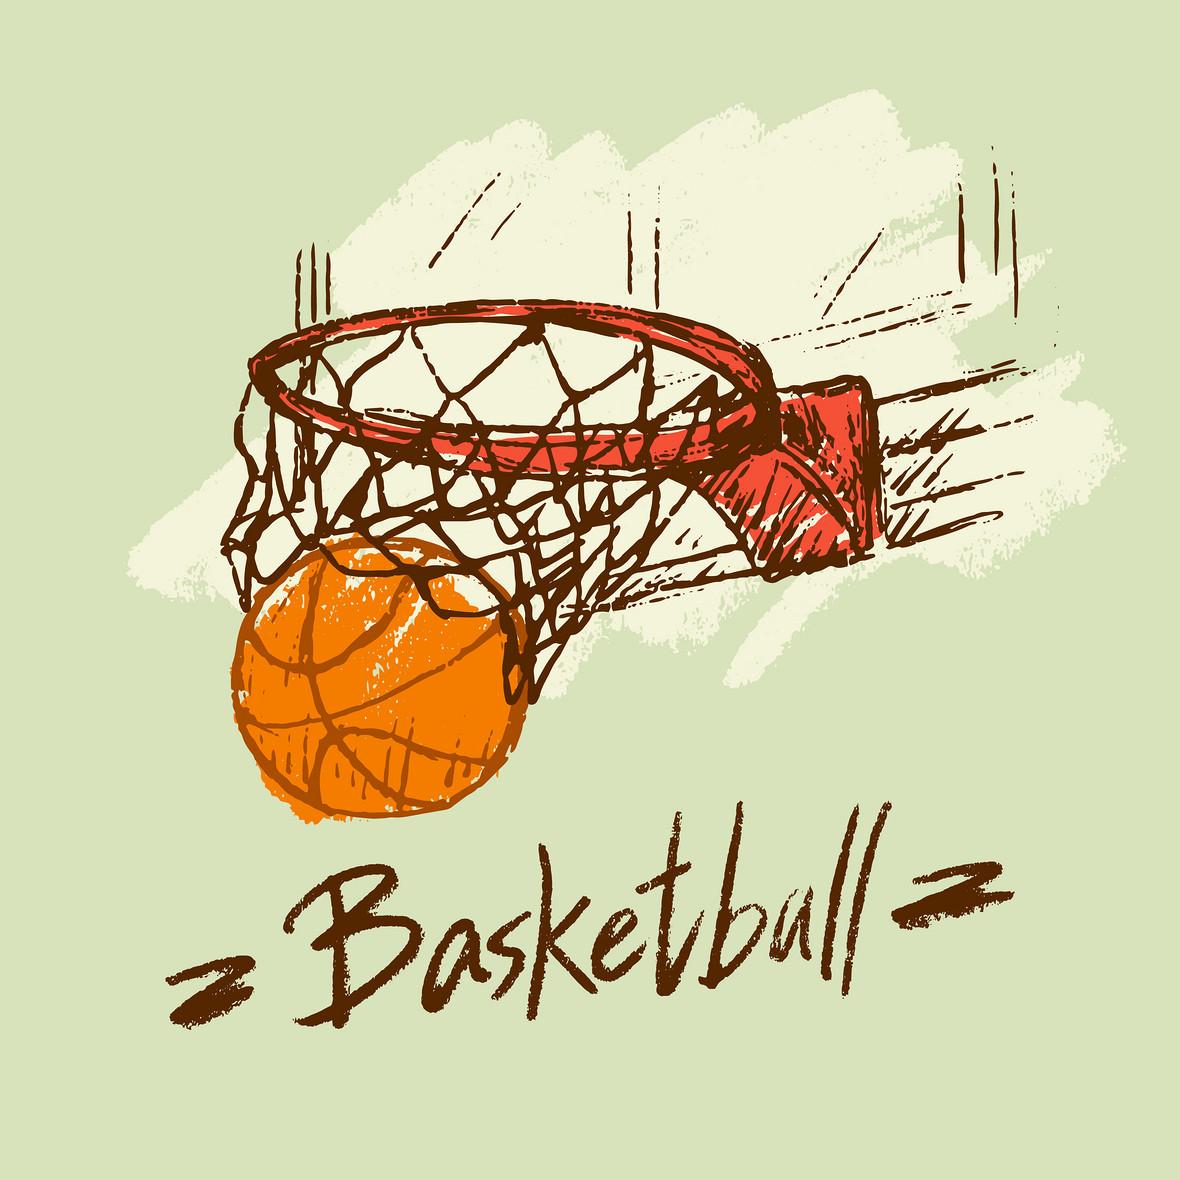 手绘卡通篮球球赛简笔画海报背景素材